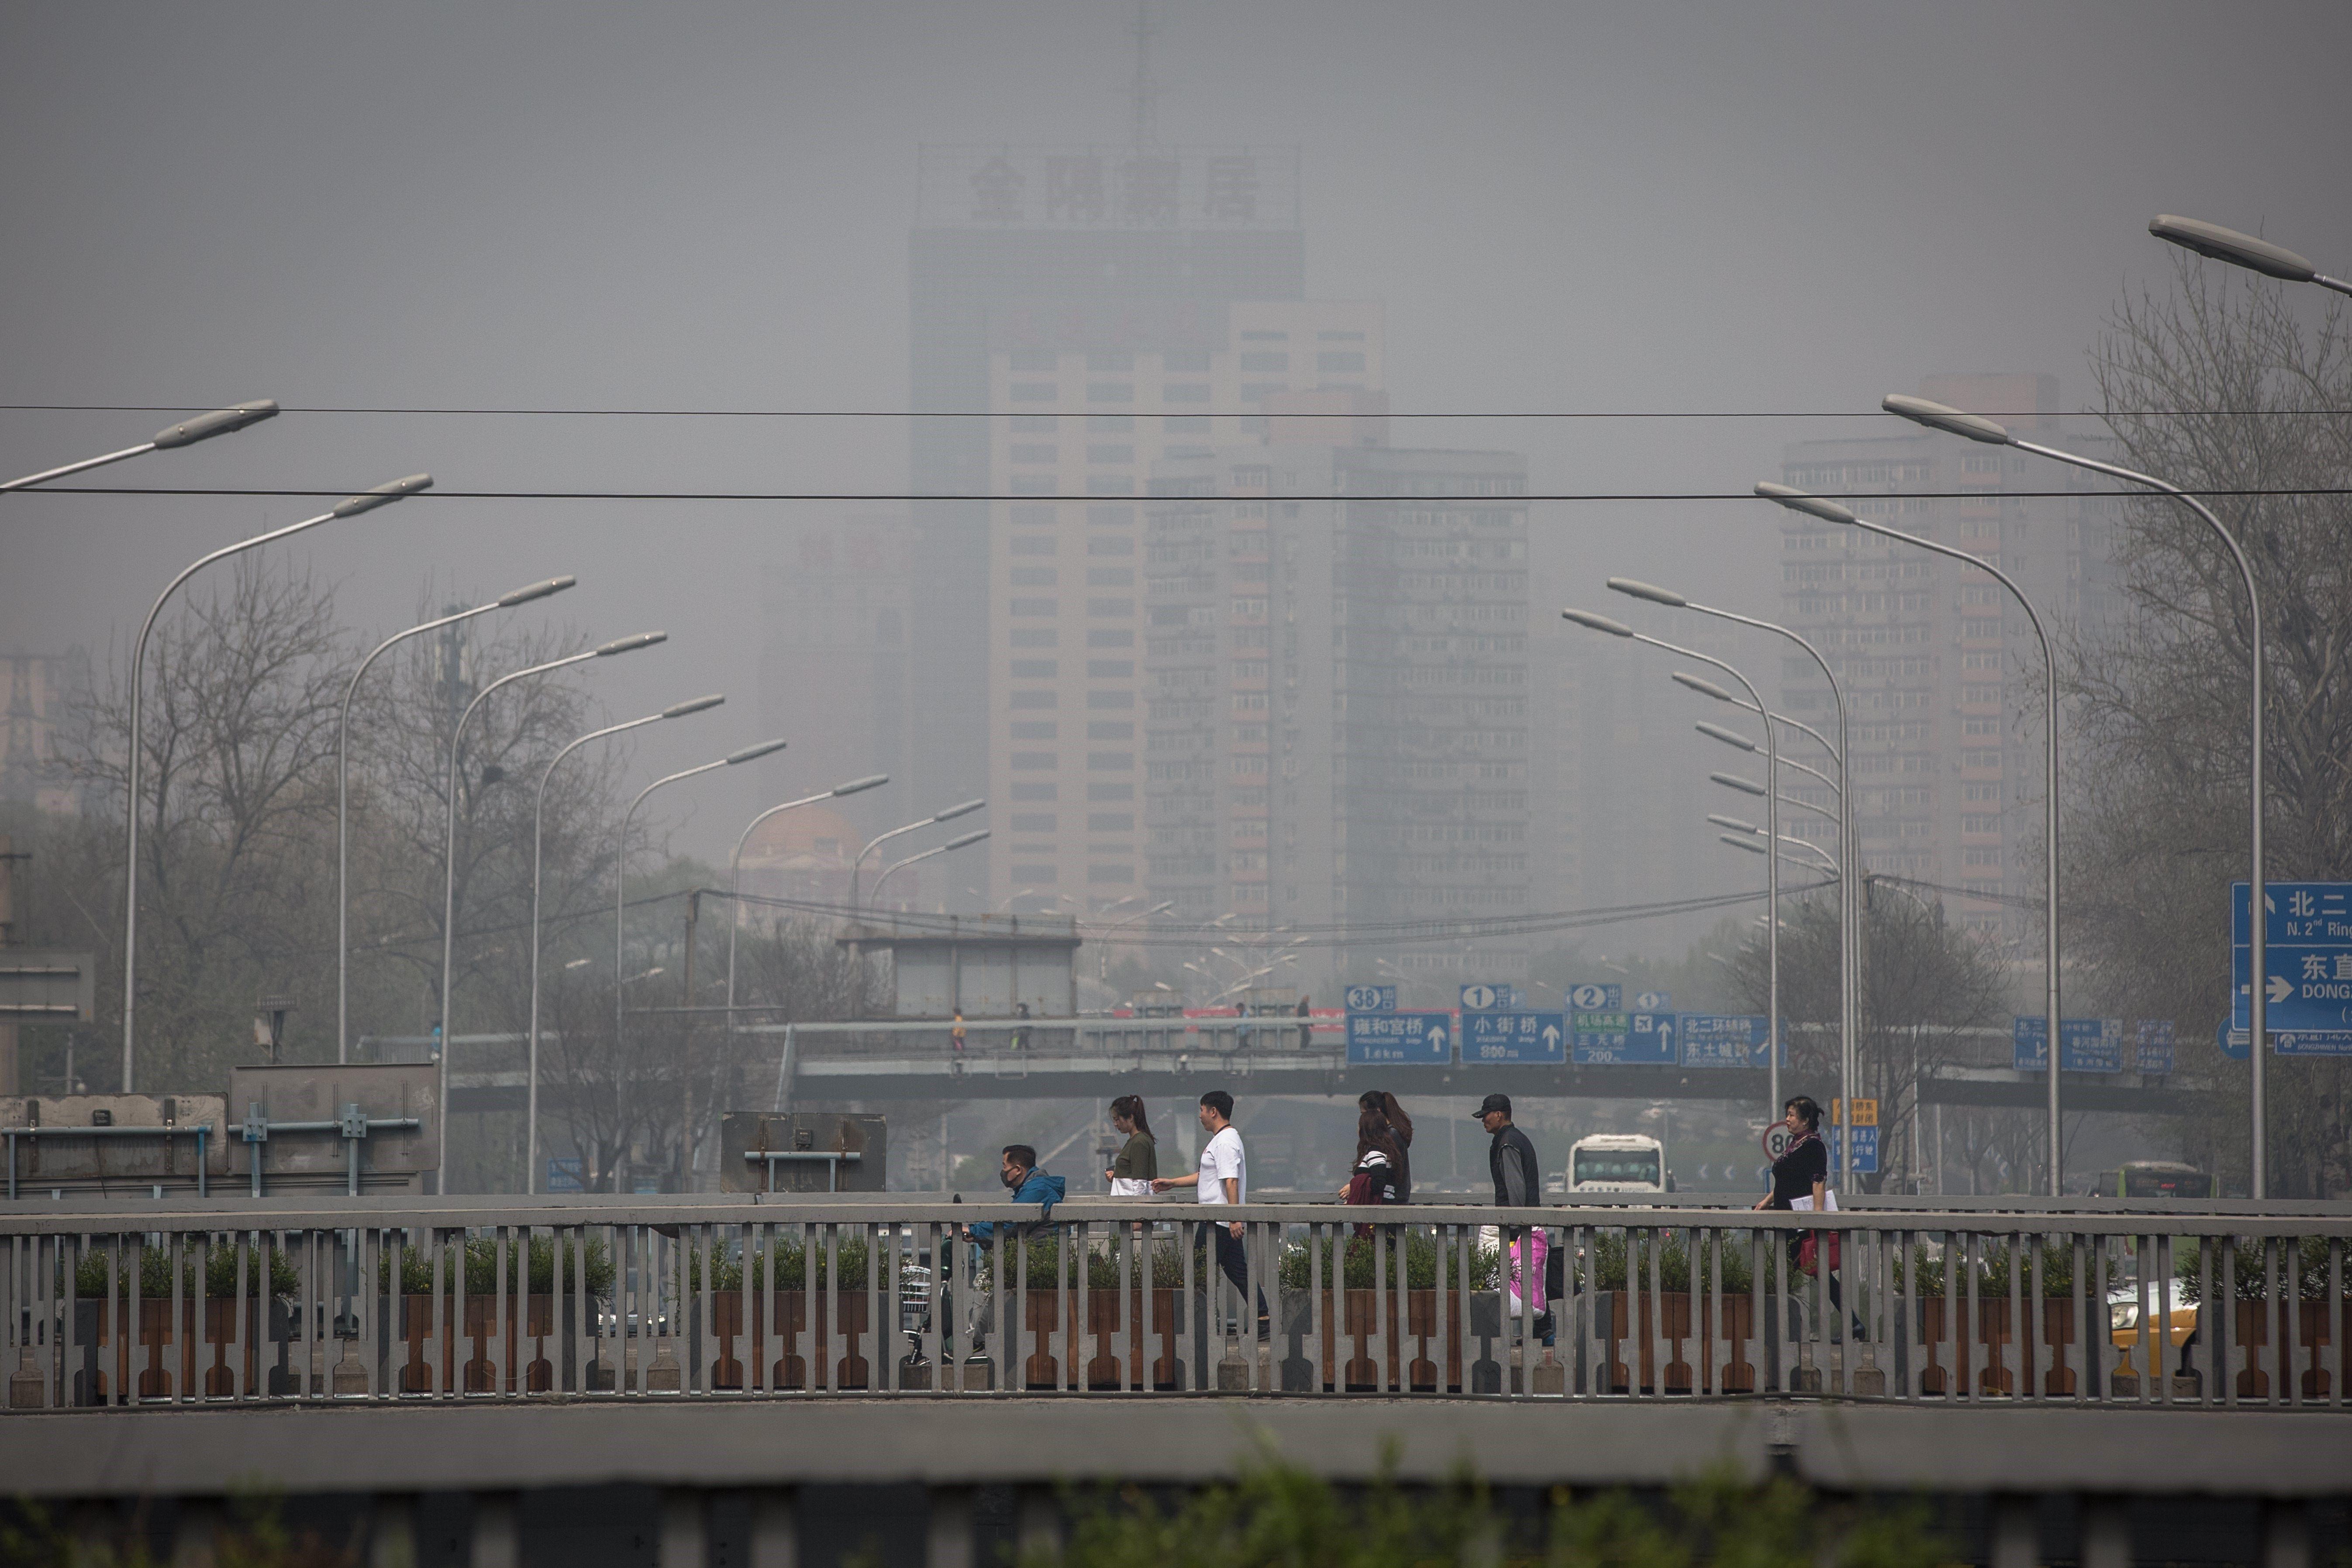 Diverses persones creuen un pont mentre una capa de pol·lució embolica uns edificis a Pequín (Xina). /ROMAN PILIPEY